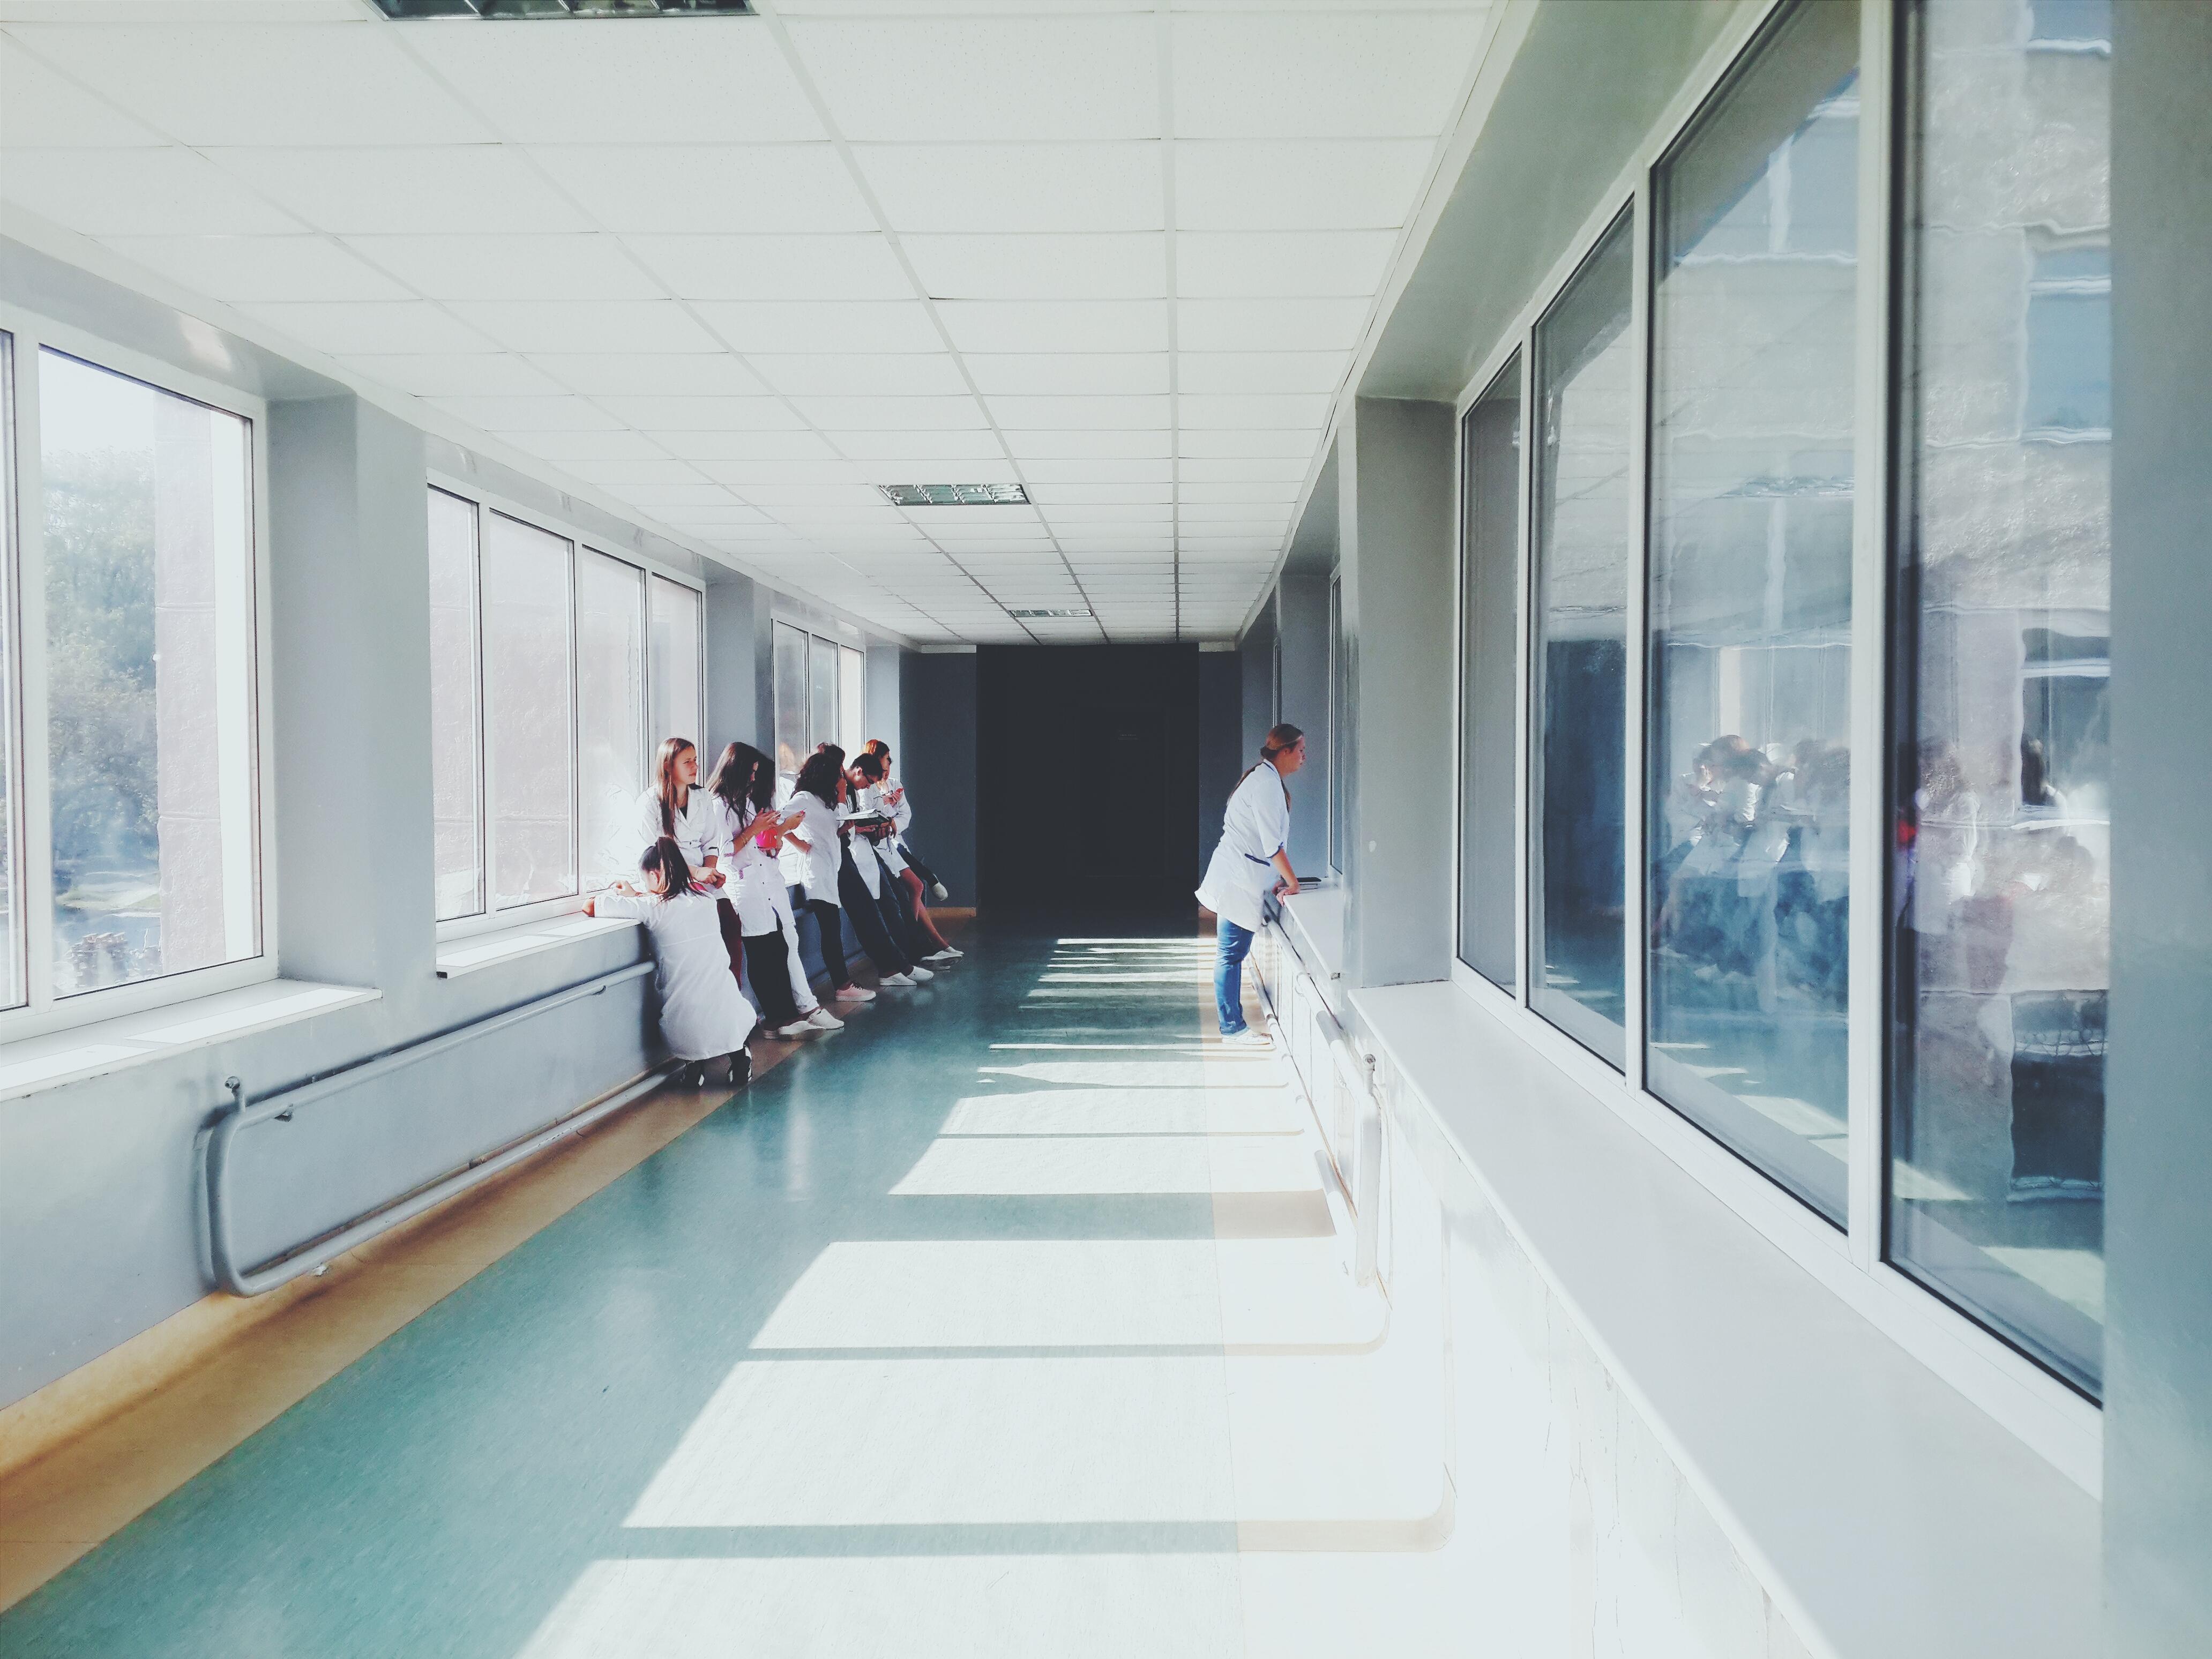 hospital hallway with glass windows